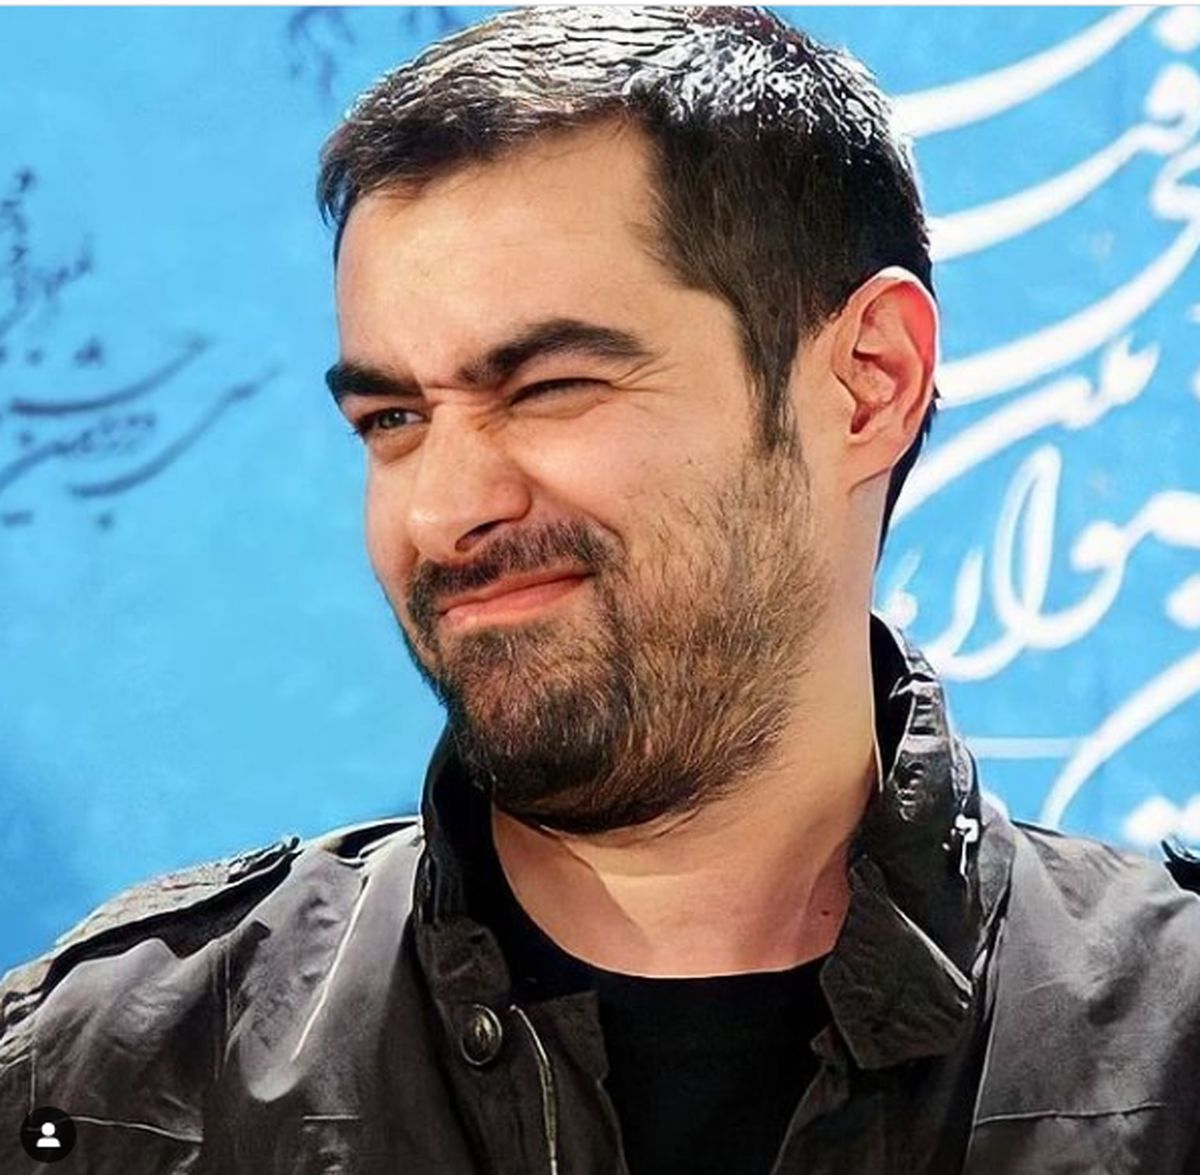 سوال عجیب شهاب حسینی از میترا حجار/ با پلنگ های خیابان چه کار کنیم؟!